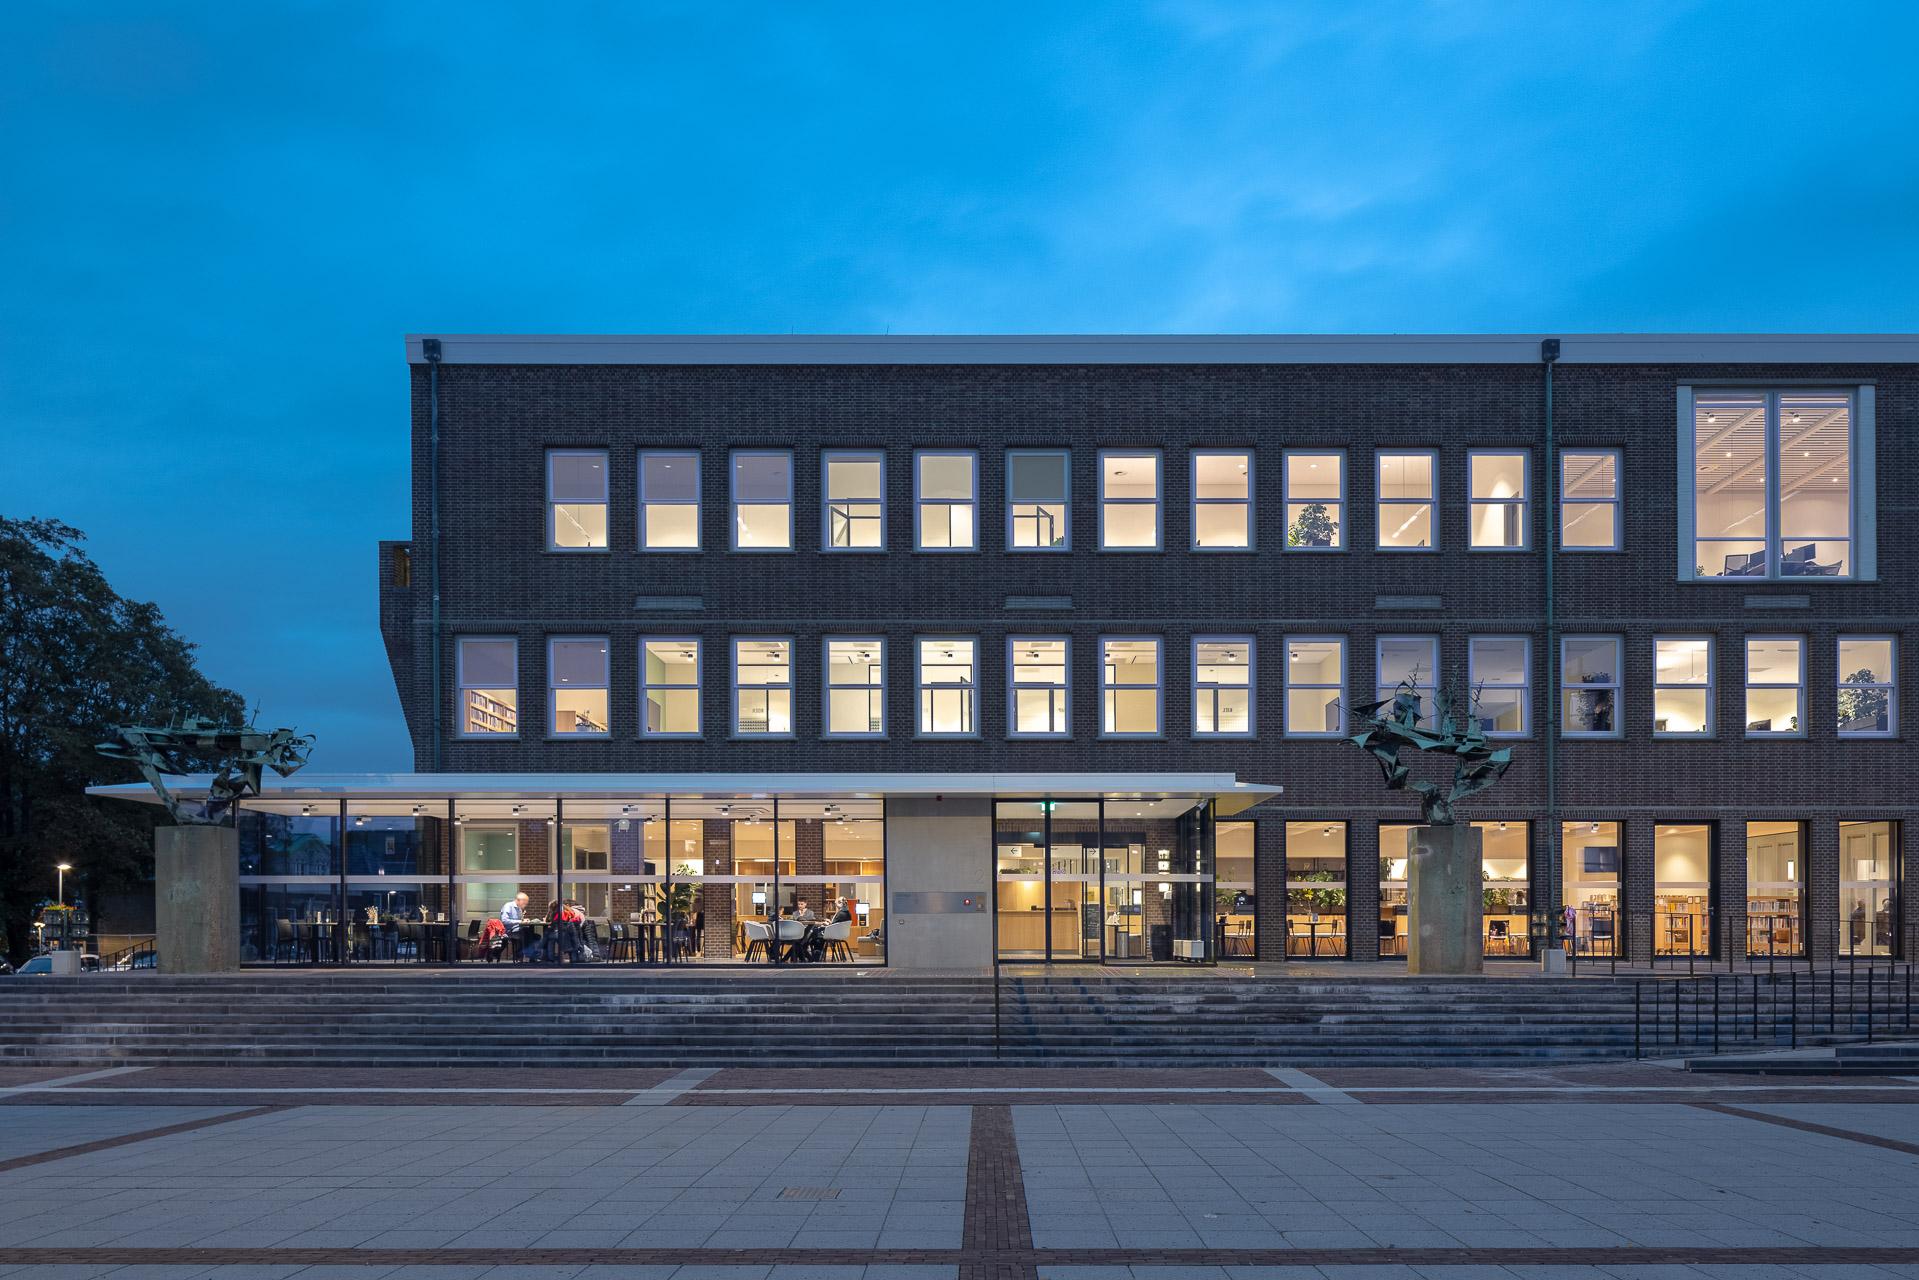 SP2020-Gemeentehuis-Alblasserdam-DP6-Architectuurfoto-interieurfoto-1